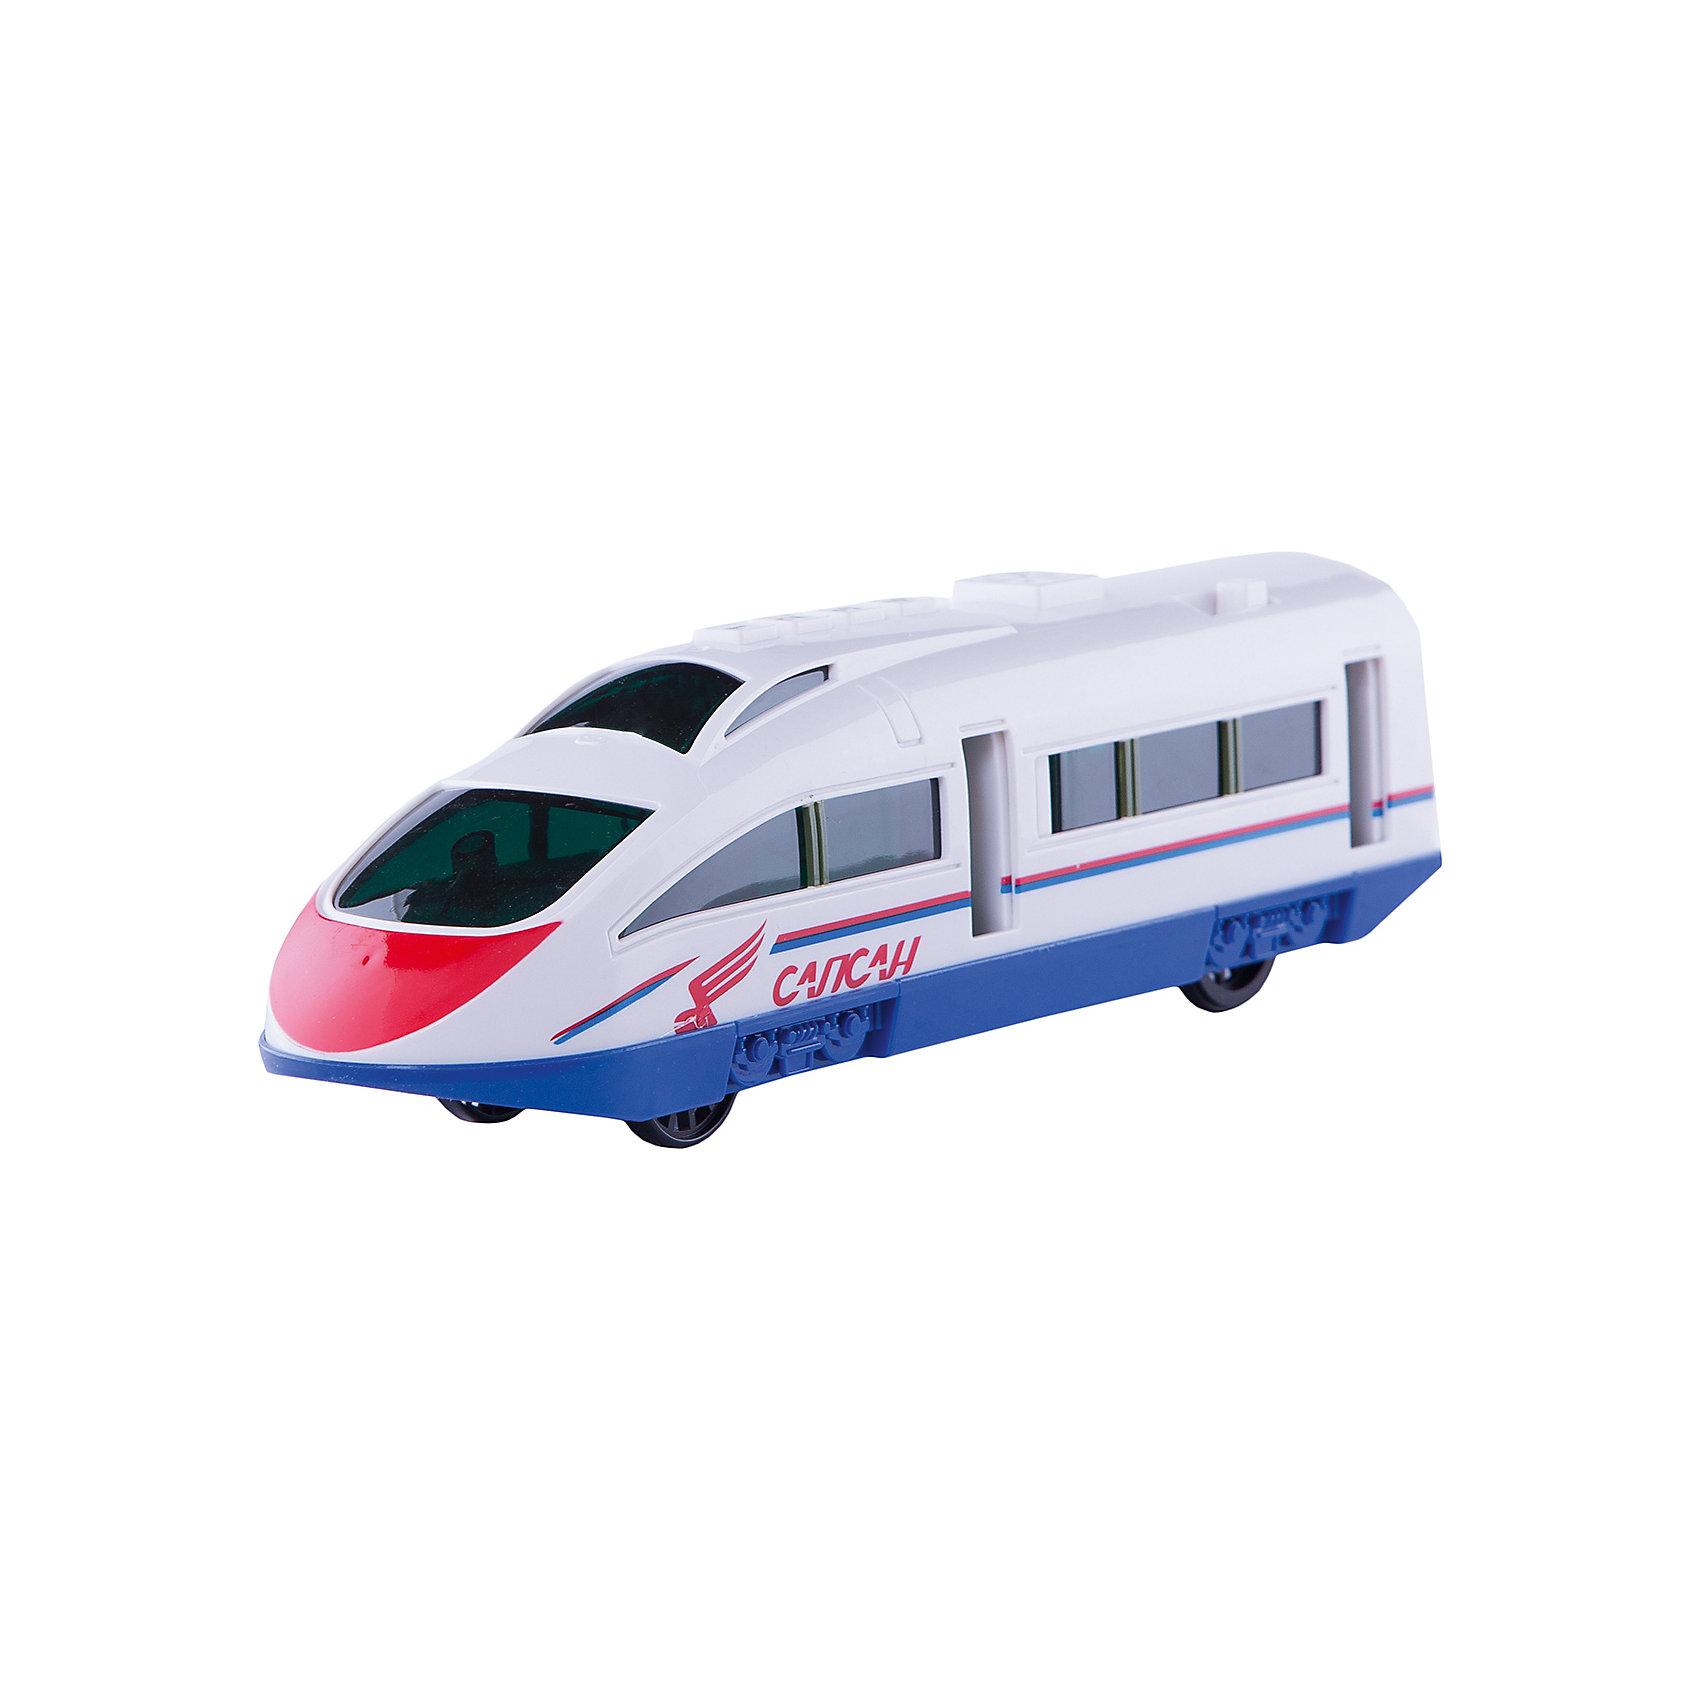 Скоростной  поезд Сапсан со светом и звуком, ТЕХНОПАРКСкоростной  поезд Сапсан Технопарк - замечательный подарок, который вызовет восторг у маленьких любителей железнодорожной техники. Модель выполнена в дизайне реального поезда Сапсан РЖД, с бело-синей расцветкой и надписью Сапсан на боку, отличается высокой степенью детализации, двери открываются. Поезд способен ускоряться и двигаться вперед за счет инерционного механизма: игрушку следует откатить назад, слегка нажав на ее крышу и отпустить. Модель оснащена световыми и звуковыми эффектами (можно прослушать реальные объявления для пассажиров Сапсана).<br><br>Дополнительная информация:<br><br>- Материал: металл, пластик.<br>- Требуются батарейки: 2 х АА 1,5 V (в комплект не входят).<br>- Размер игрушки: 23 см.<br>- Размер упаковки: 33 х 11,5 х 10,5 см.<br><br>Скоростной  поезд Сапсан со светом и звуком, Технопарк можно купить в нашем интернет-магазине.<br><br>Ширина мм: 100<br>Глубина мм: 340<br>Высота мм: 120<br>Вес г: 450<br>Возраст от месяцев: 36<br>Возраст до месяцев: 1188<br>Пол: Мужской<br>Возраст: Детский<br>SKU: 3341125